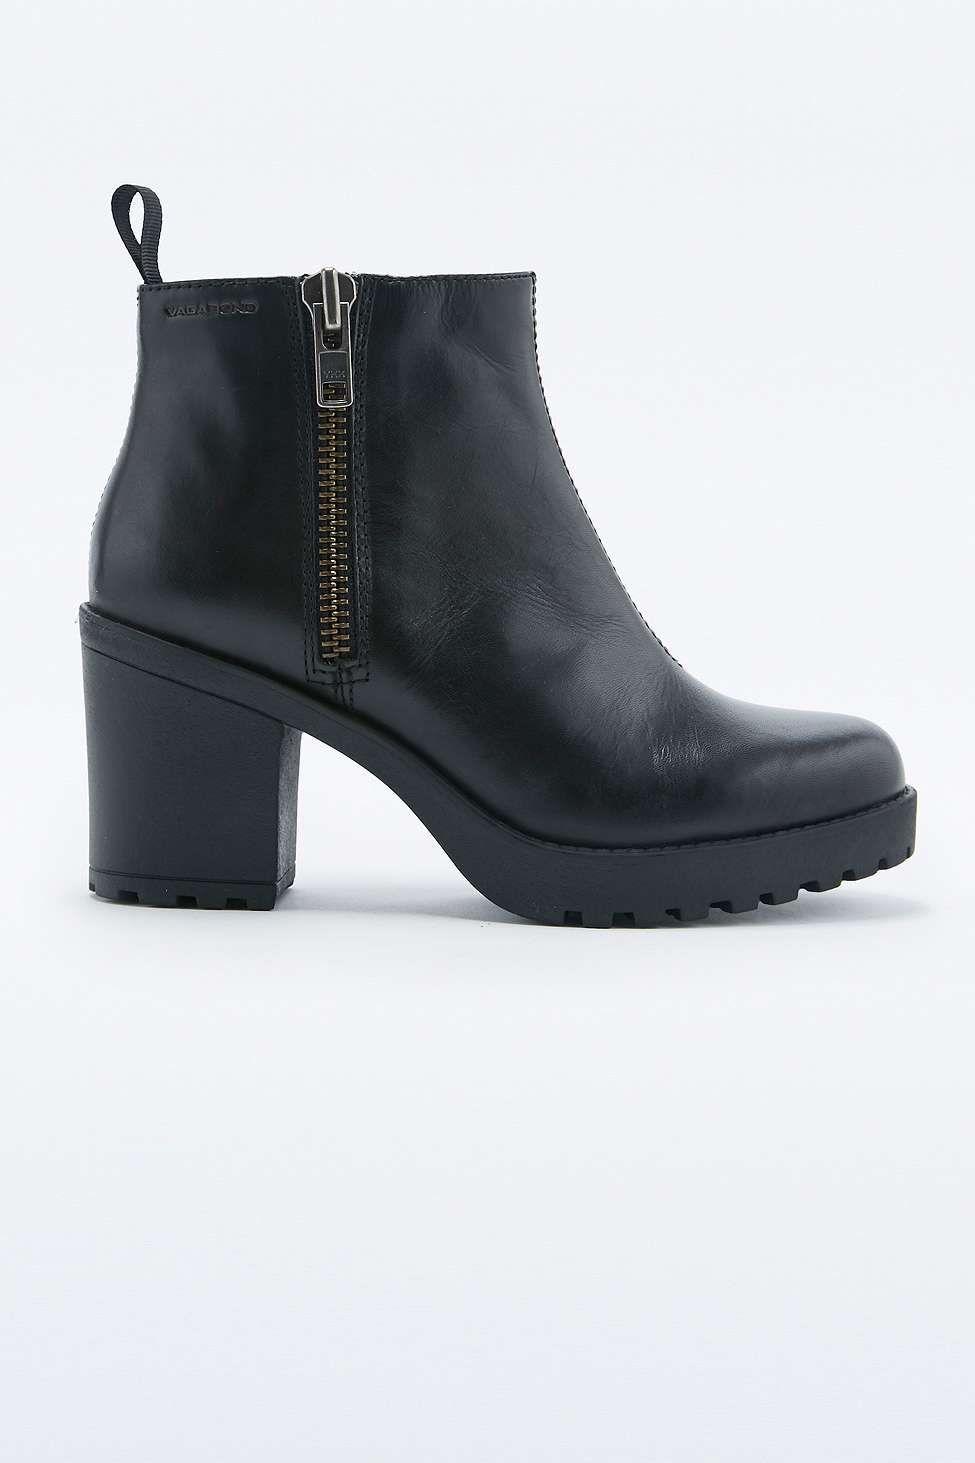 3b4100e18f08c Vagabond Grace Black Side Zip Ankle Boots